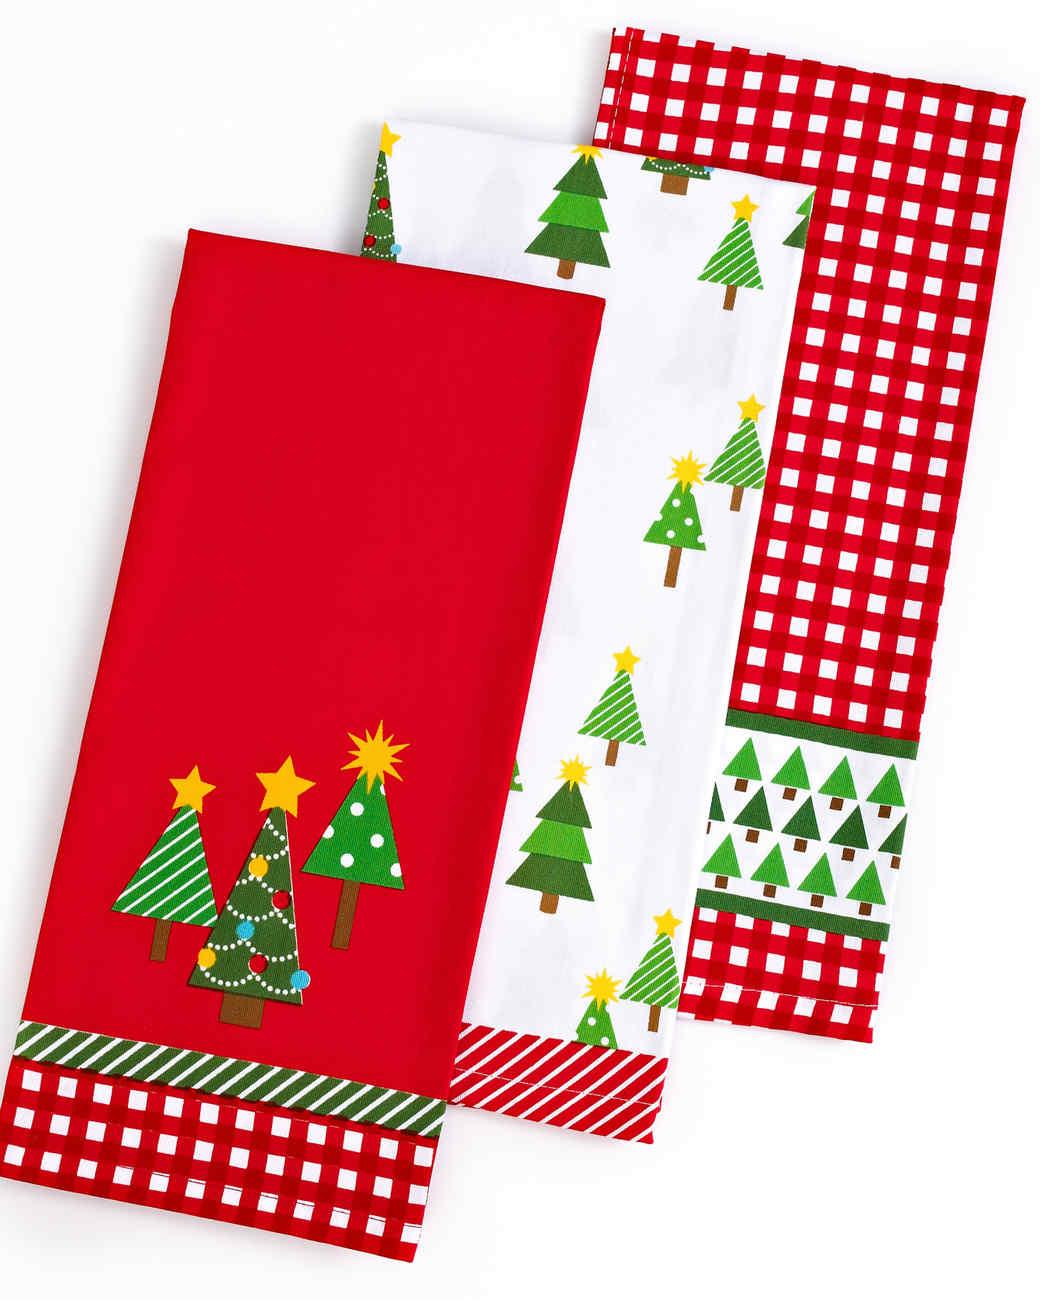 towels-giftguide-mrkt-2012.jpg